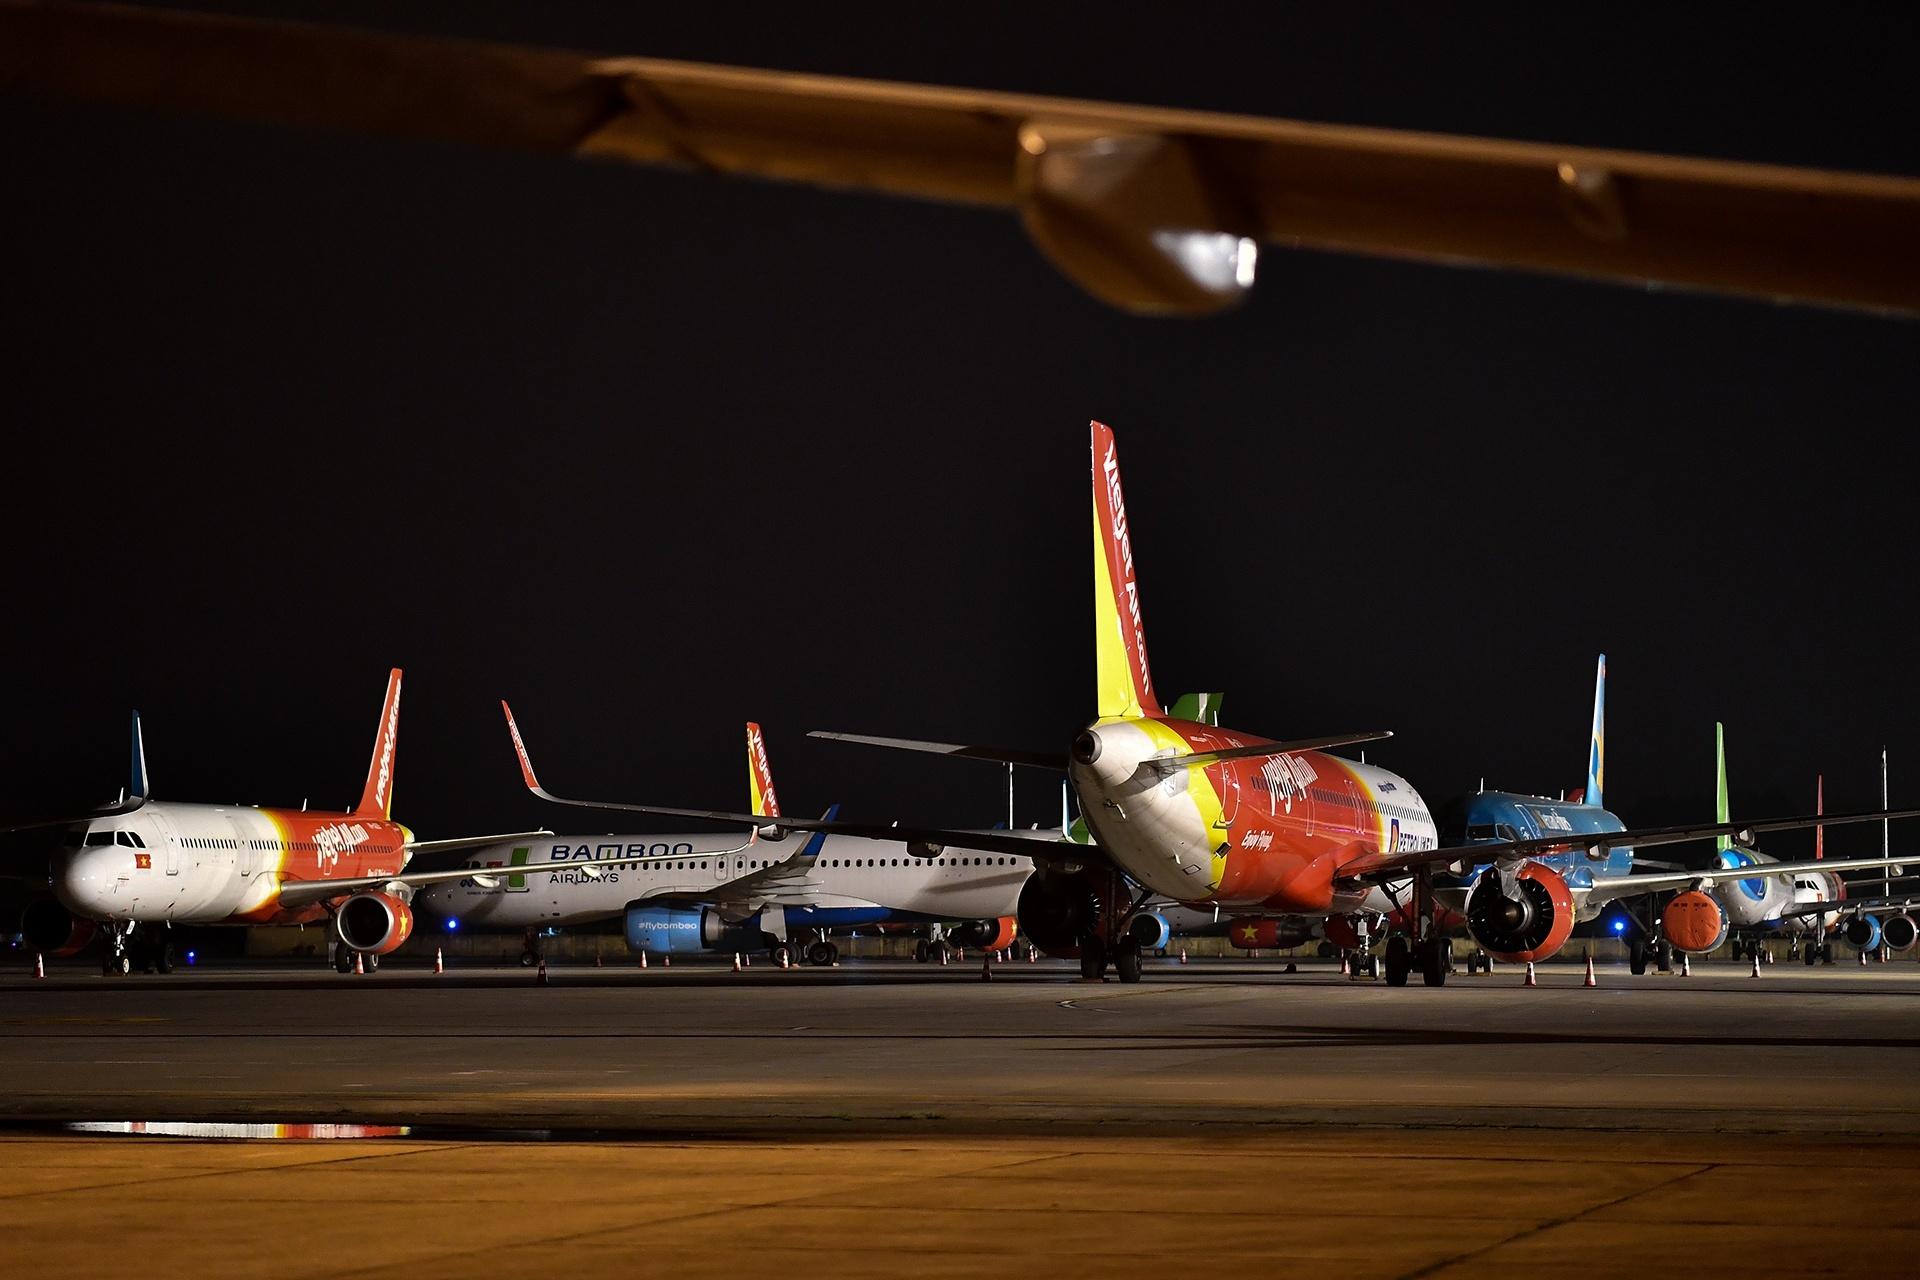 Từ cuối tháng 3 đến nay, các hãng hàng không Việt Nam phải dừng toàn bộ các đường bay thương mại quốc tế. Ảnh: Khánh Huyền.